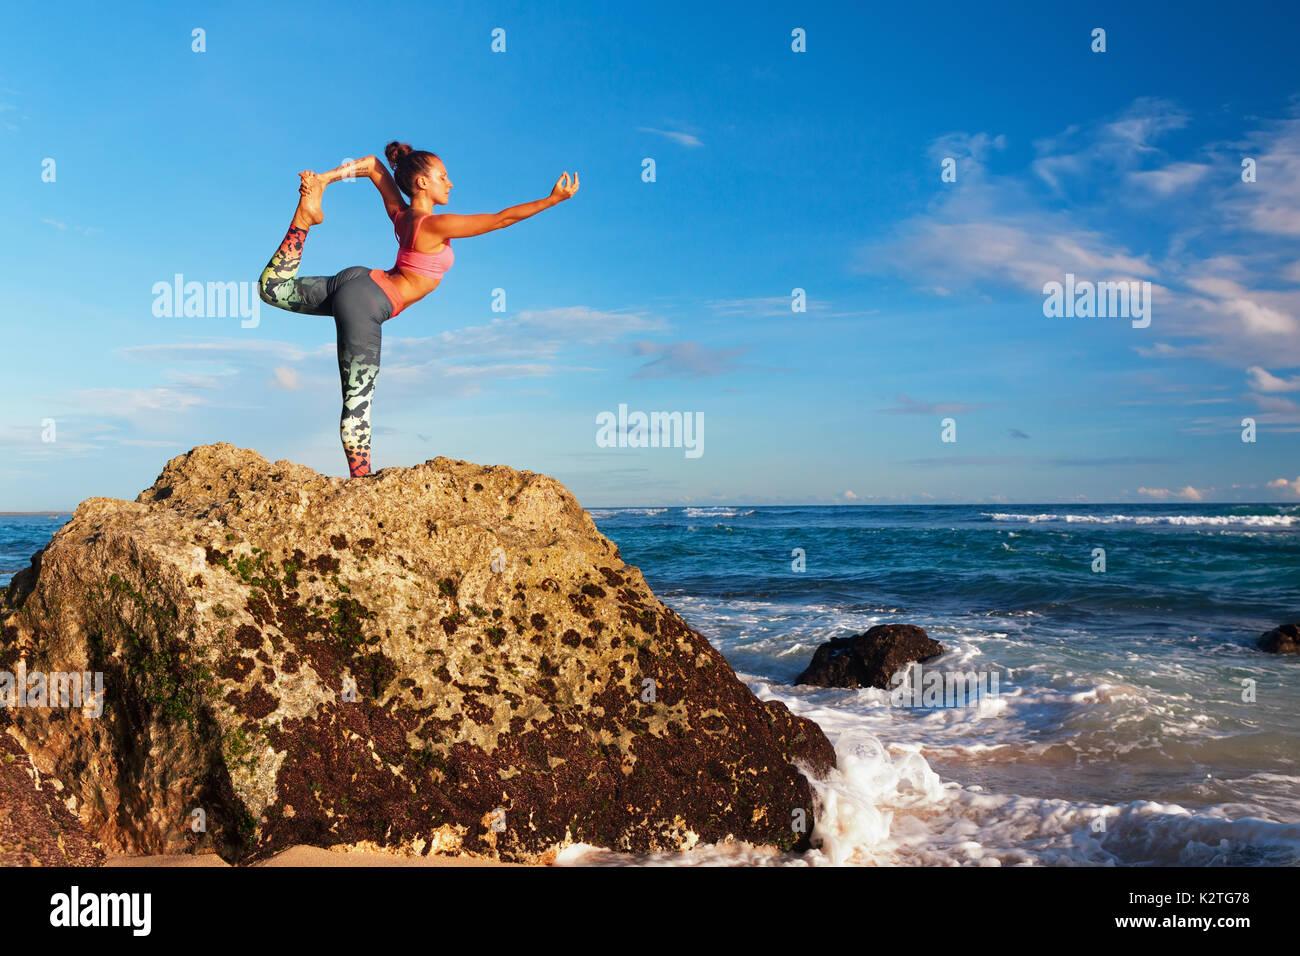 La méditation sur fond de ciel coucher de soleil. Jeune femme active en position yoga pose sur roche de plage pour garder la forme et la santé. Mode de vie sain, de remise en forme en plein air. Photo Stock